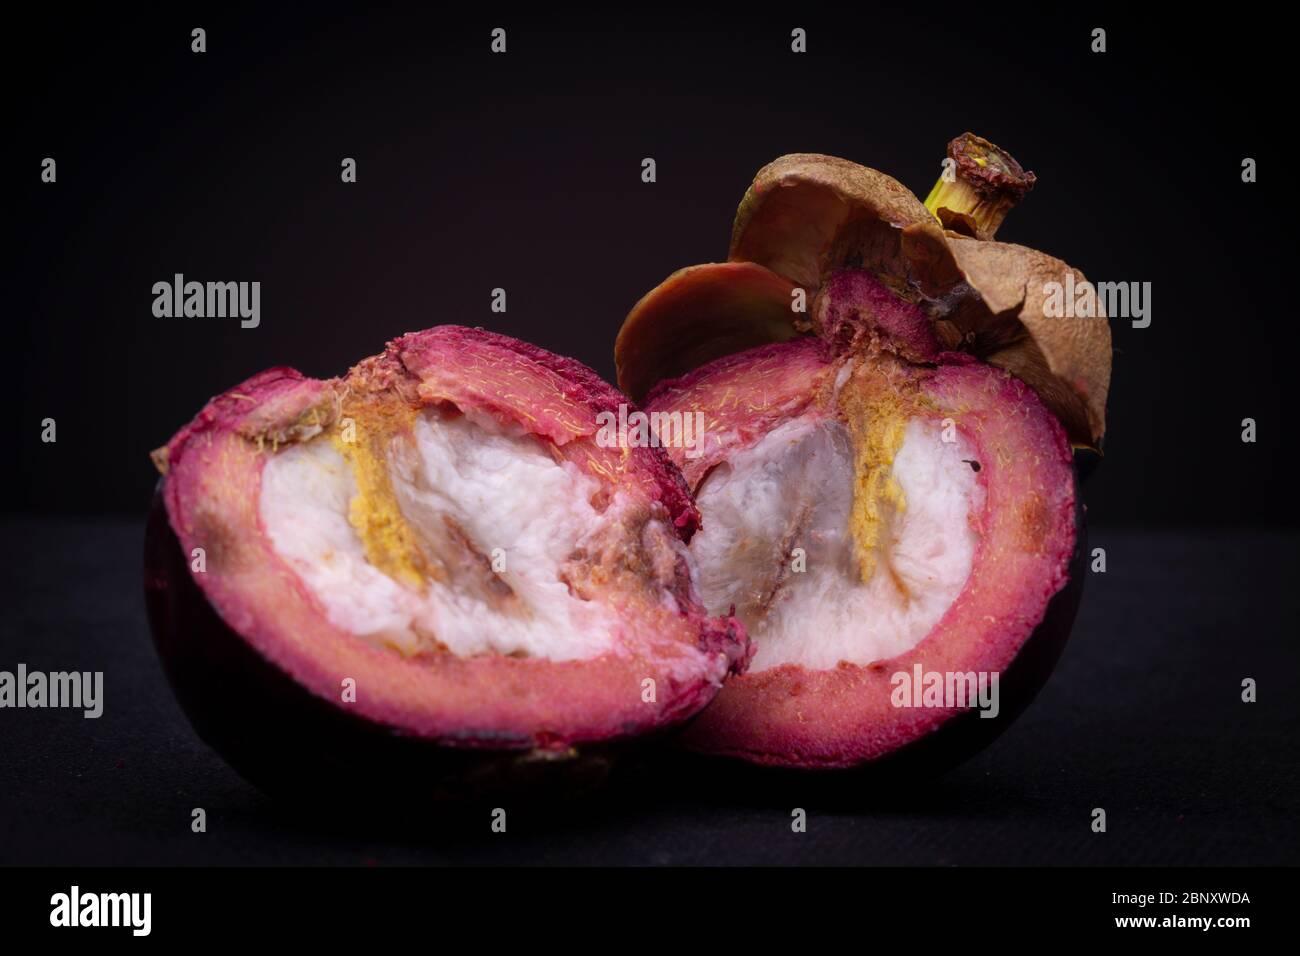 Deux moitiés d'un fruit de mangoustan exotique rouge-violacé montrant la pulpe blanche intérieure et la couche épaisse de peeling rouge avec le dessus encore. Banque D'Images